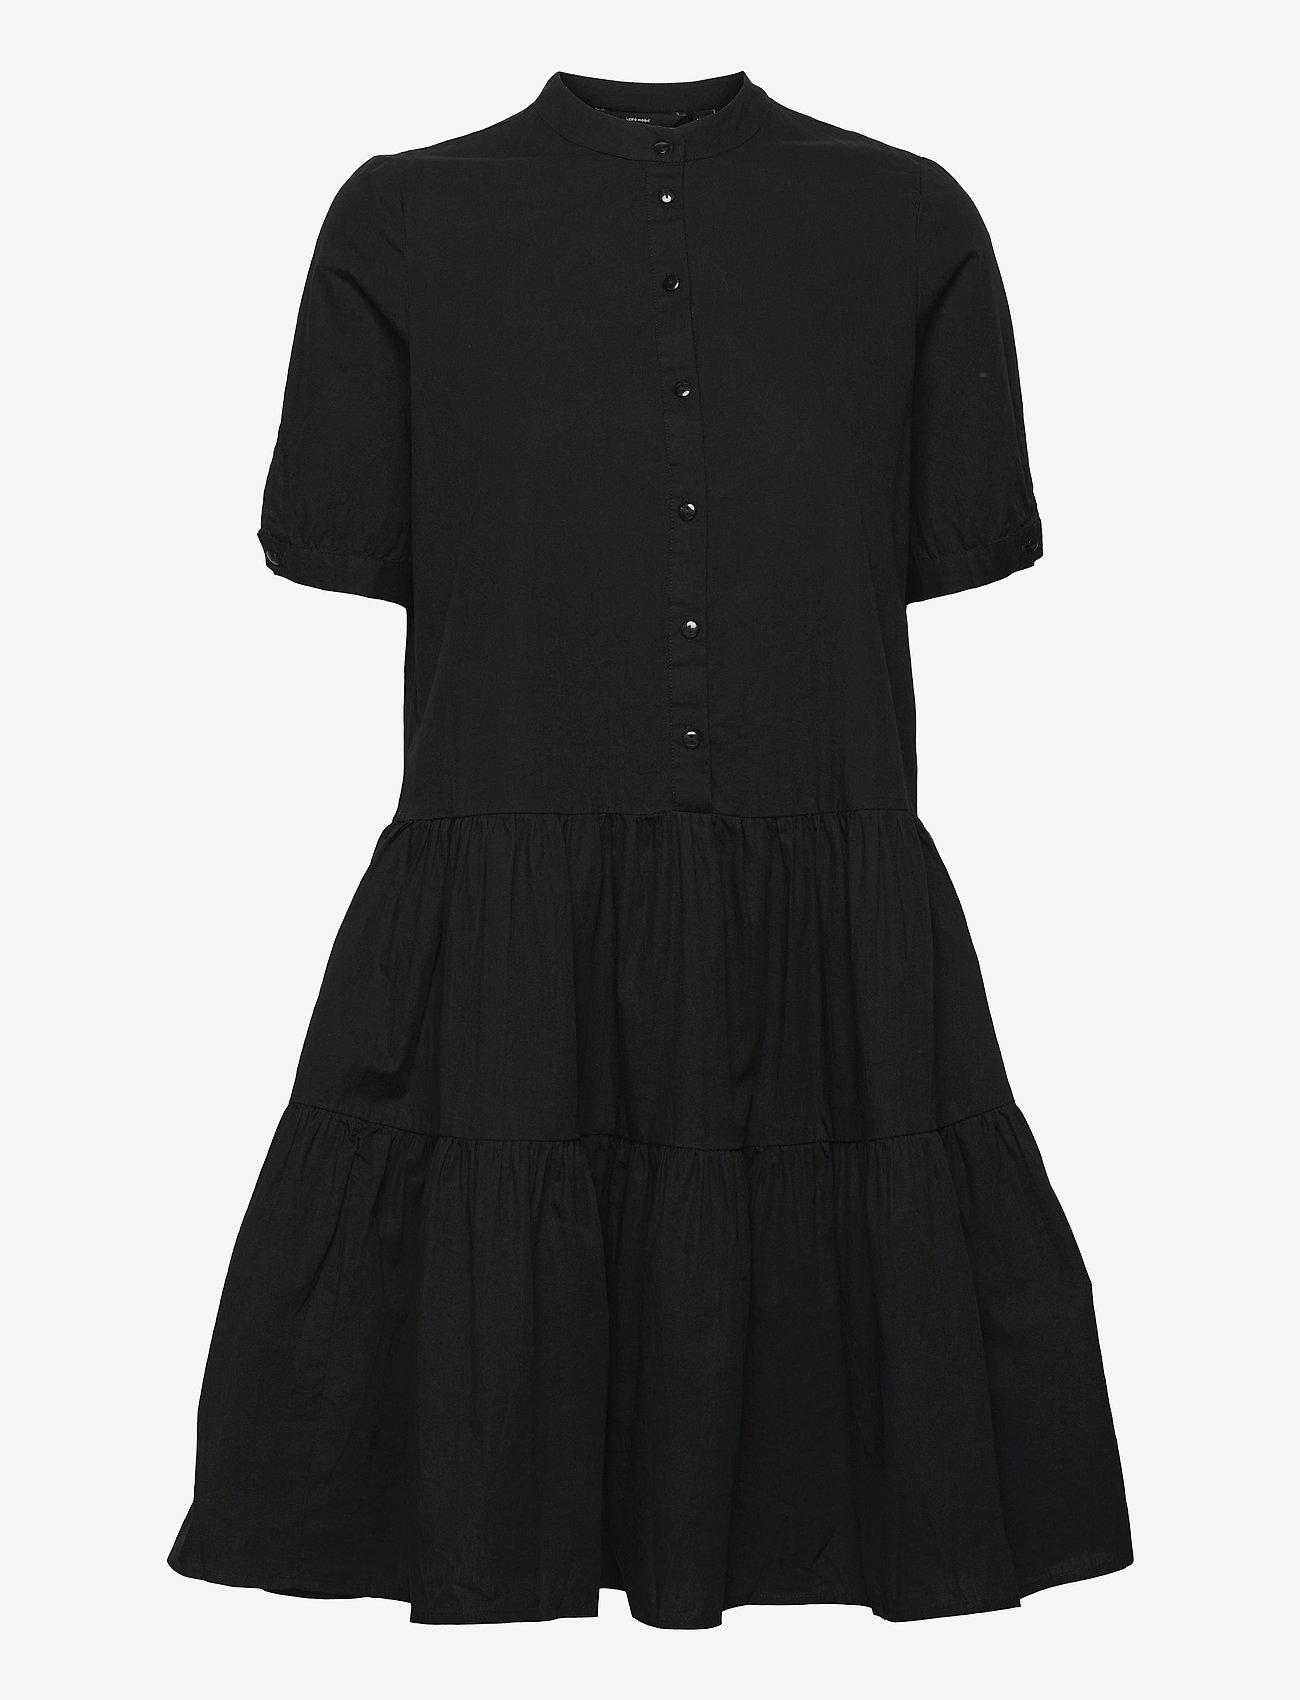 Vero Moda - VMDELTA 2/4 ABK DRESS WVN DA GA KI COLOR - sommarklänningar - black - 0